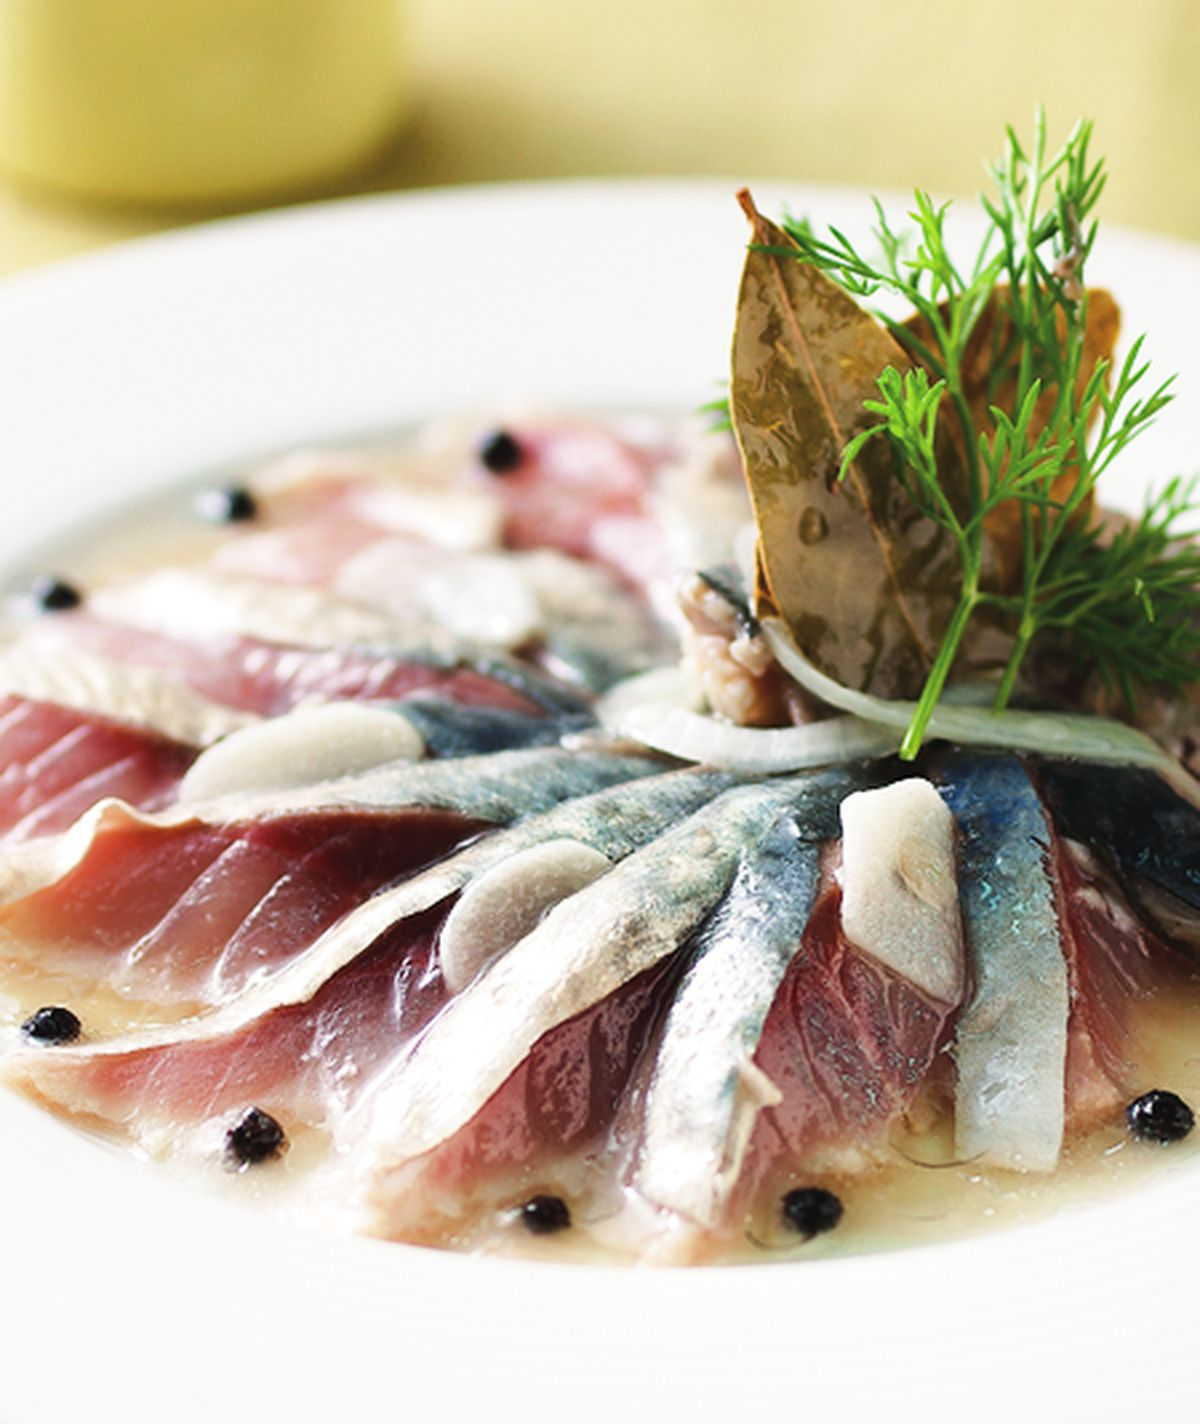 食譜:醋漬鯖魚沙拉